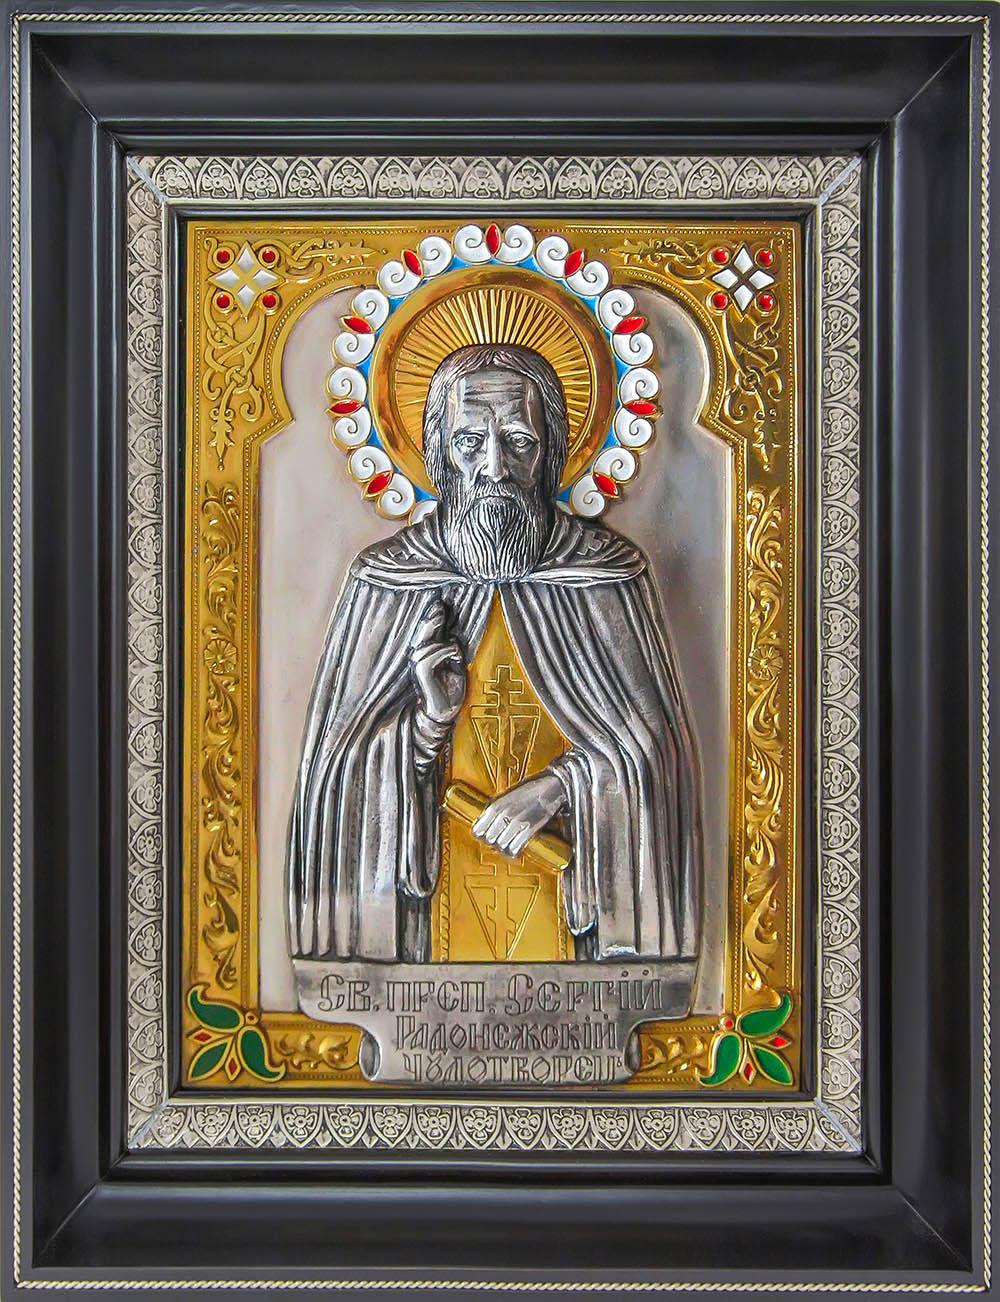 фото икона святого преподобного Сергия Радонежского гальванопластика золото серебро